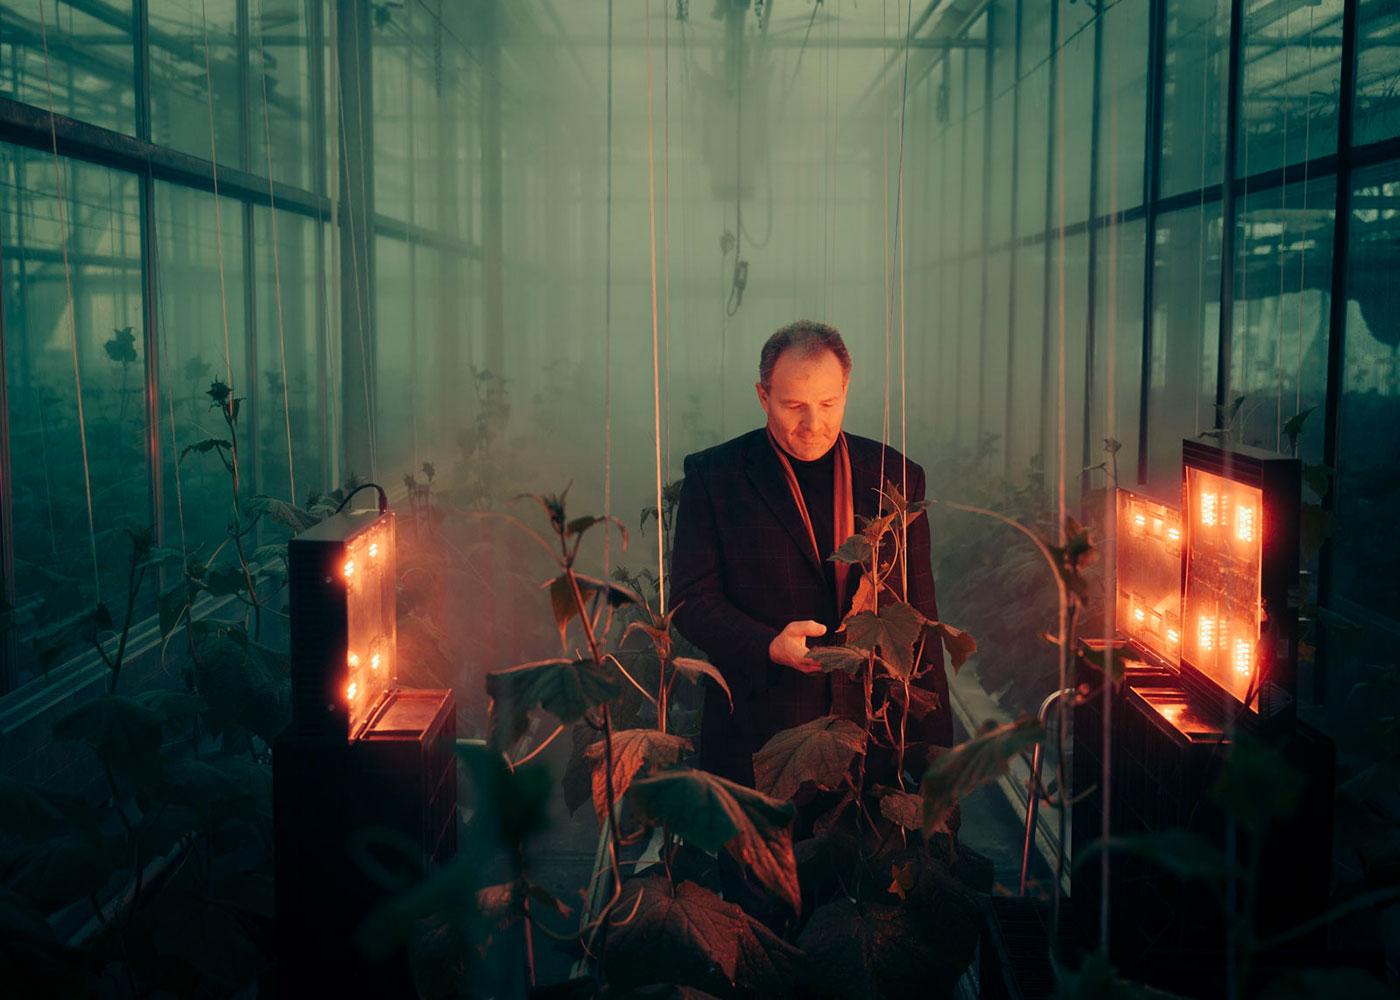 Prof. Dr. agr. Prof h. c. Fritz-Gerald Schröder, Fachbereich Landbau/Landschaftspflege an der HTW Dresden © Sven Döring